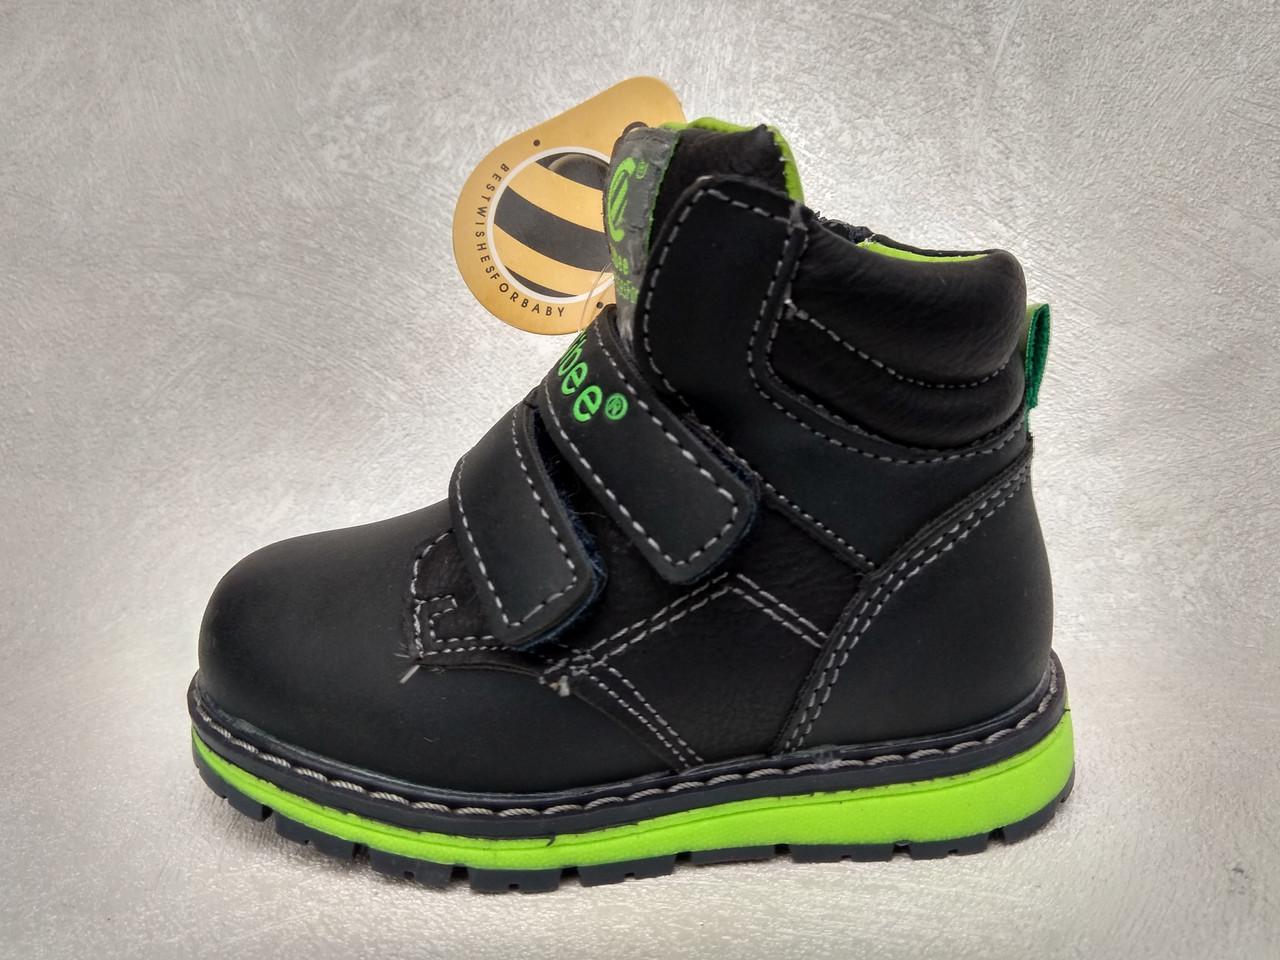 46cc572a57db22 Зимние ботинки для мальчиков Clibee оптом (р.20-25): продажа, цена в ...